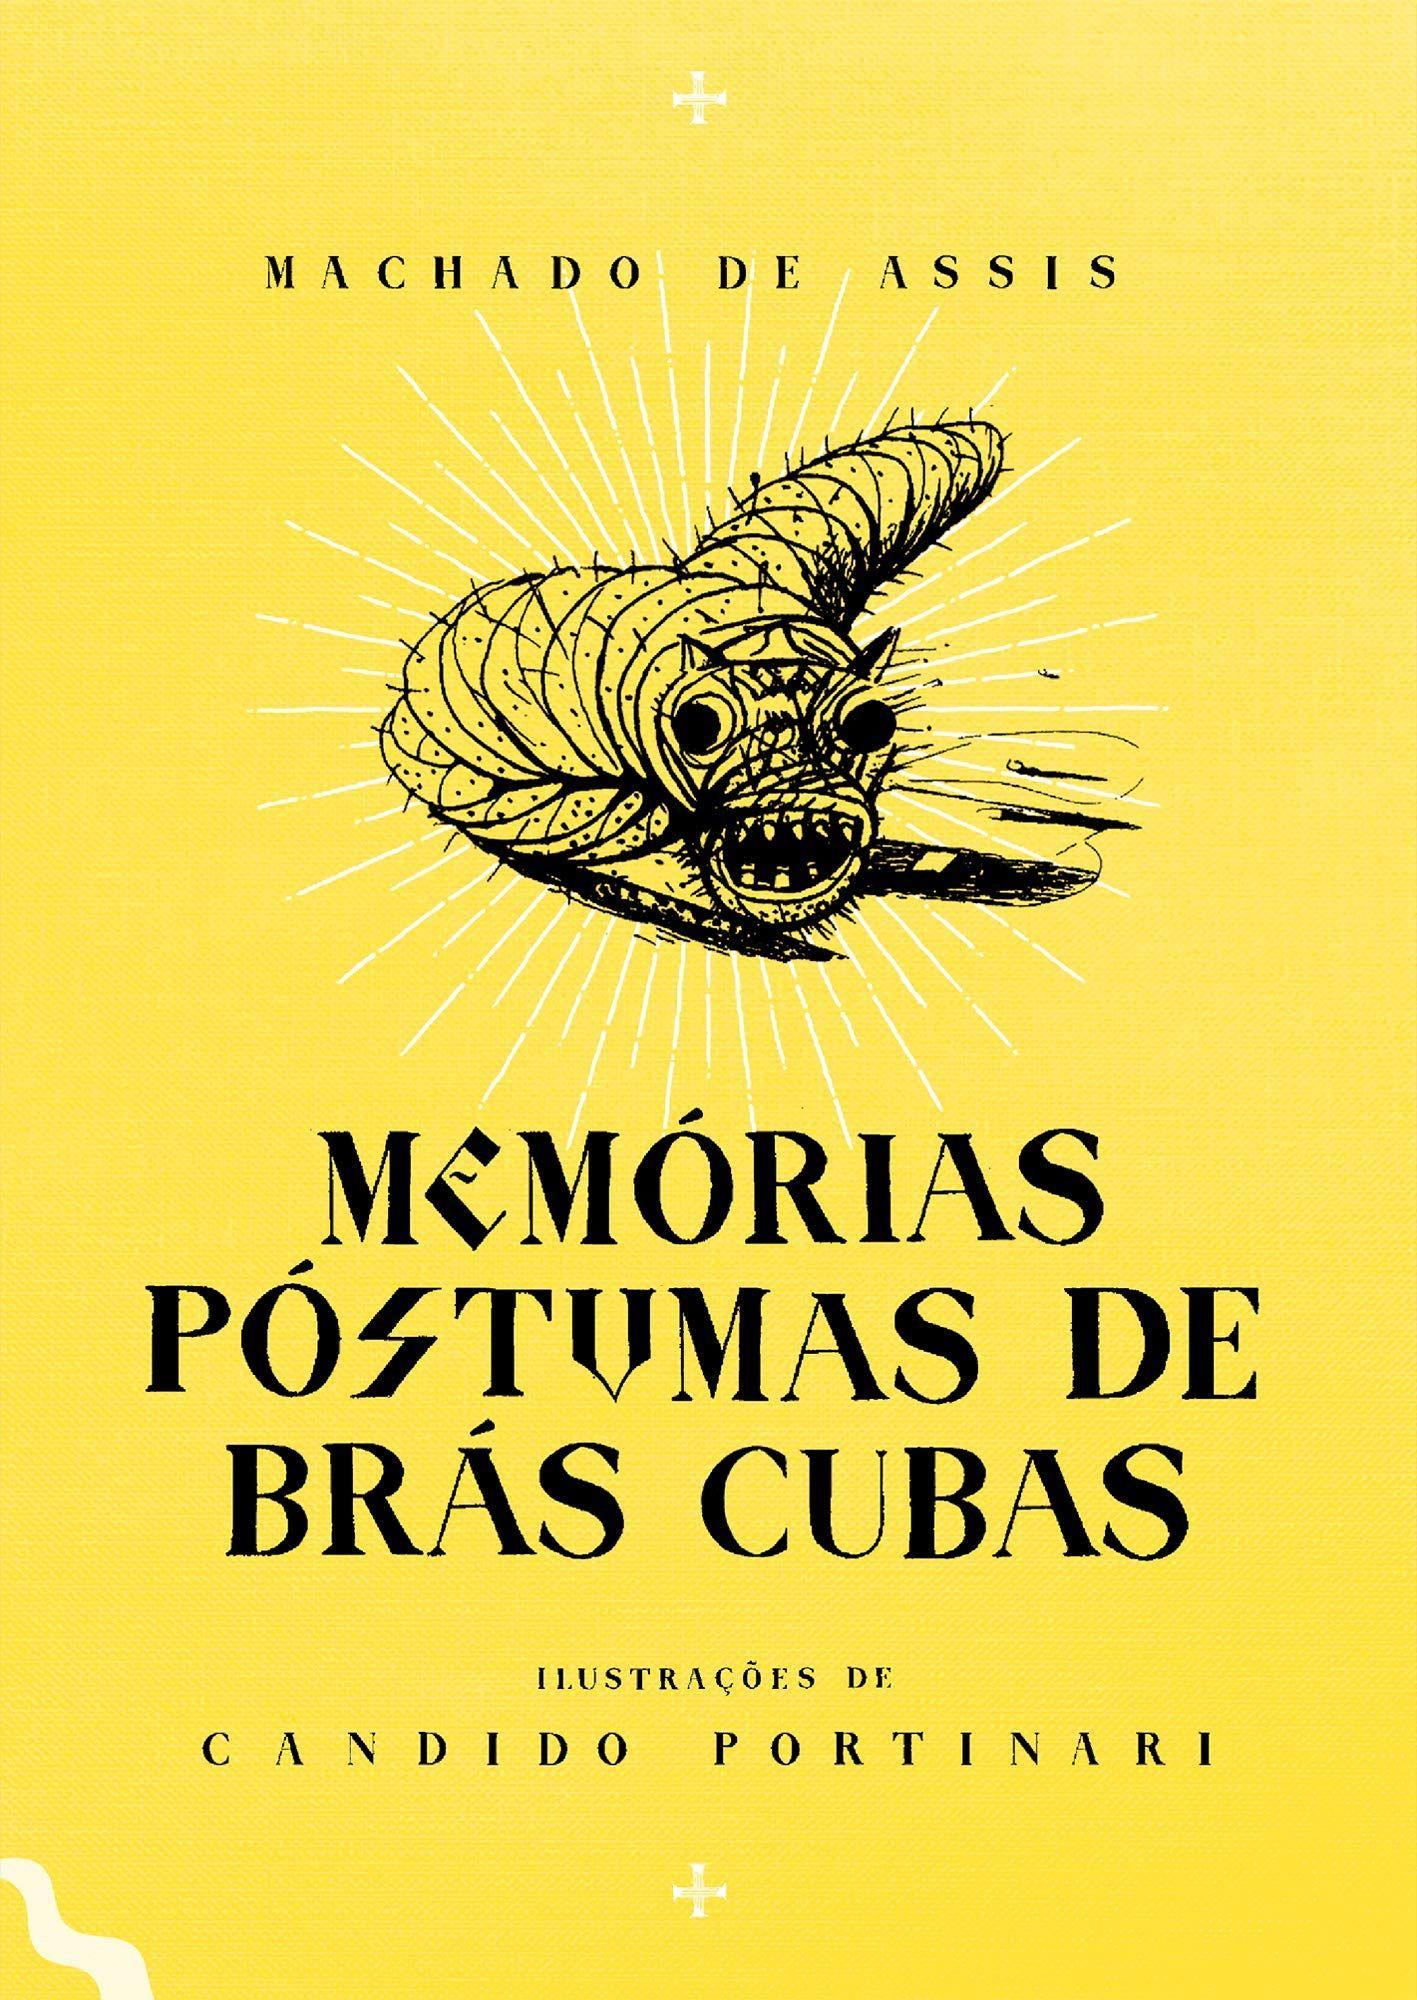 Pin De Carla Em Livros Em 2020 Memorias Postumas Bras Cubas